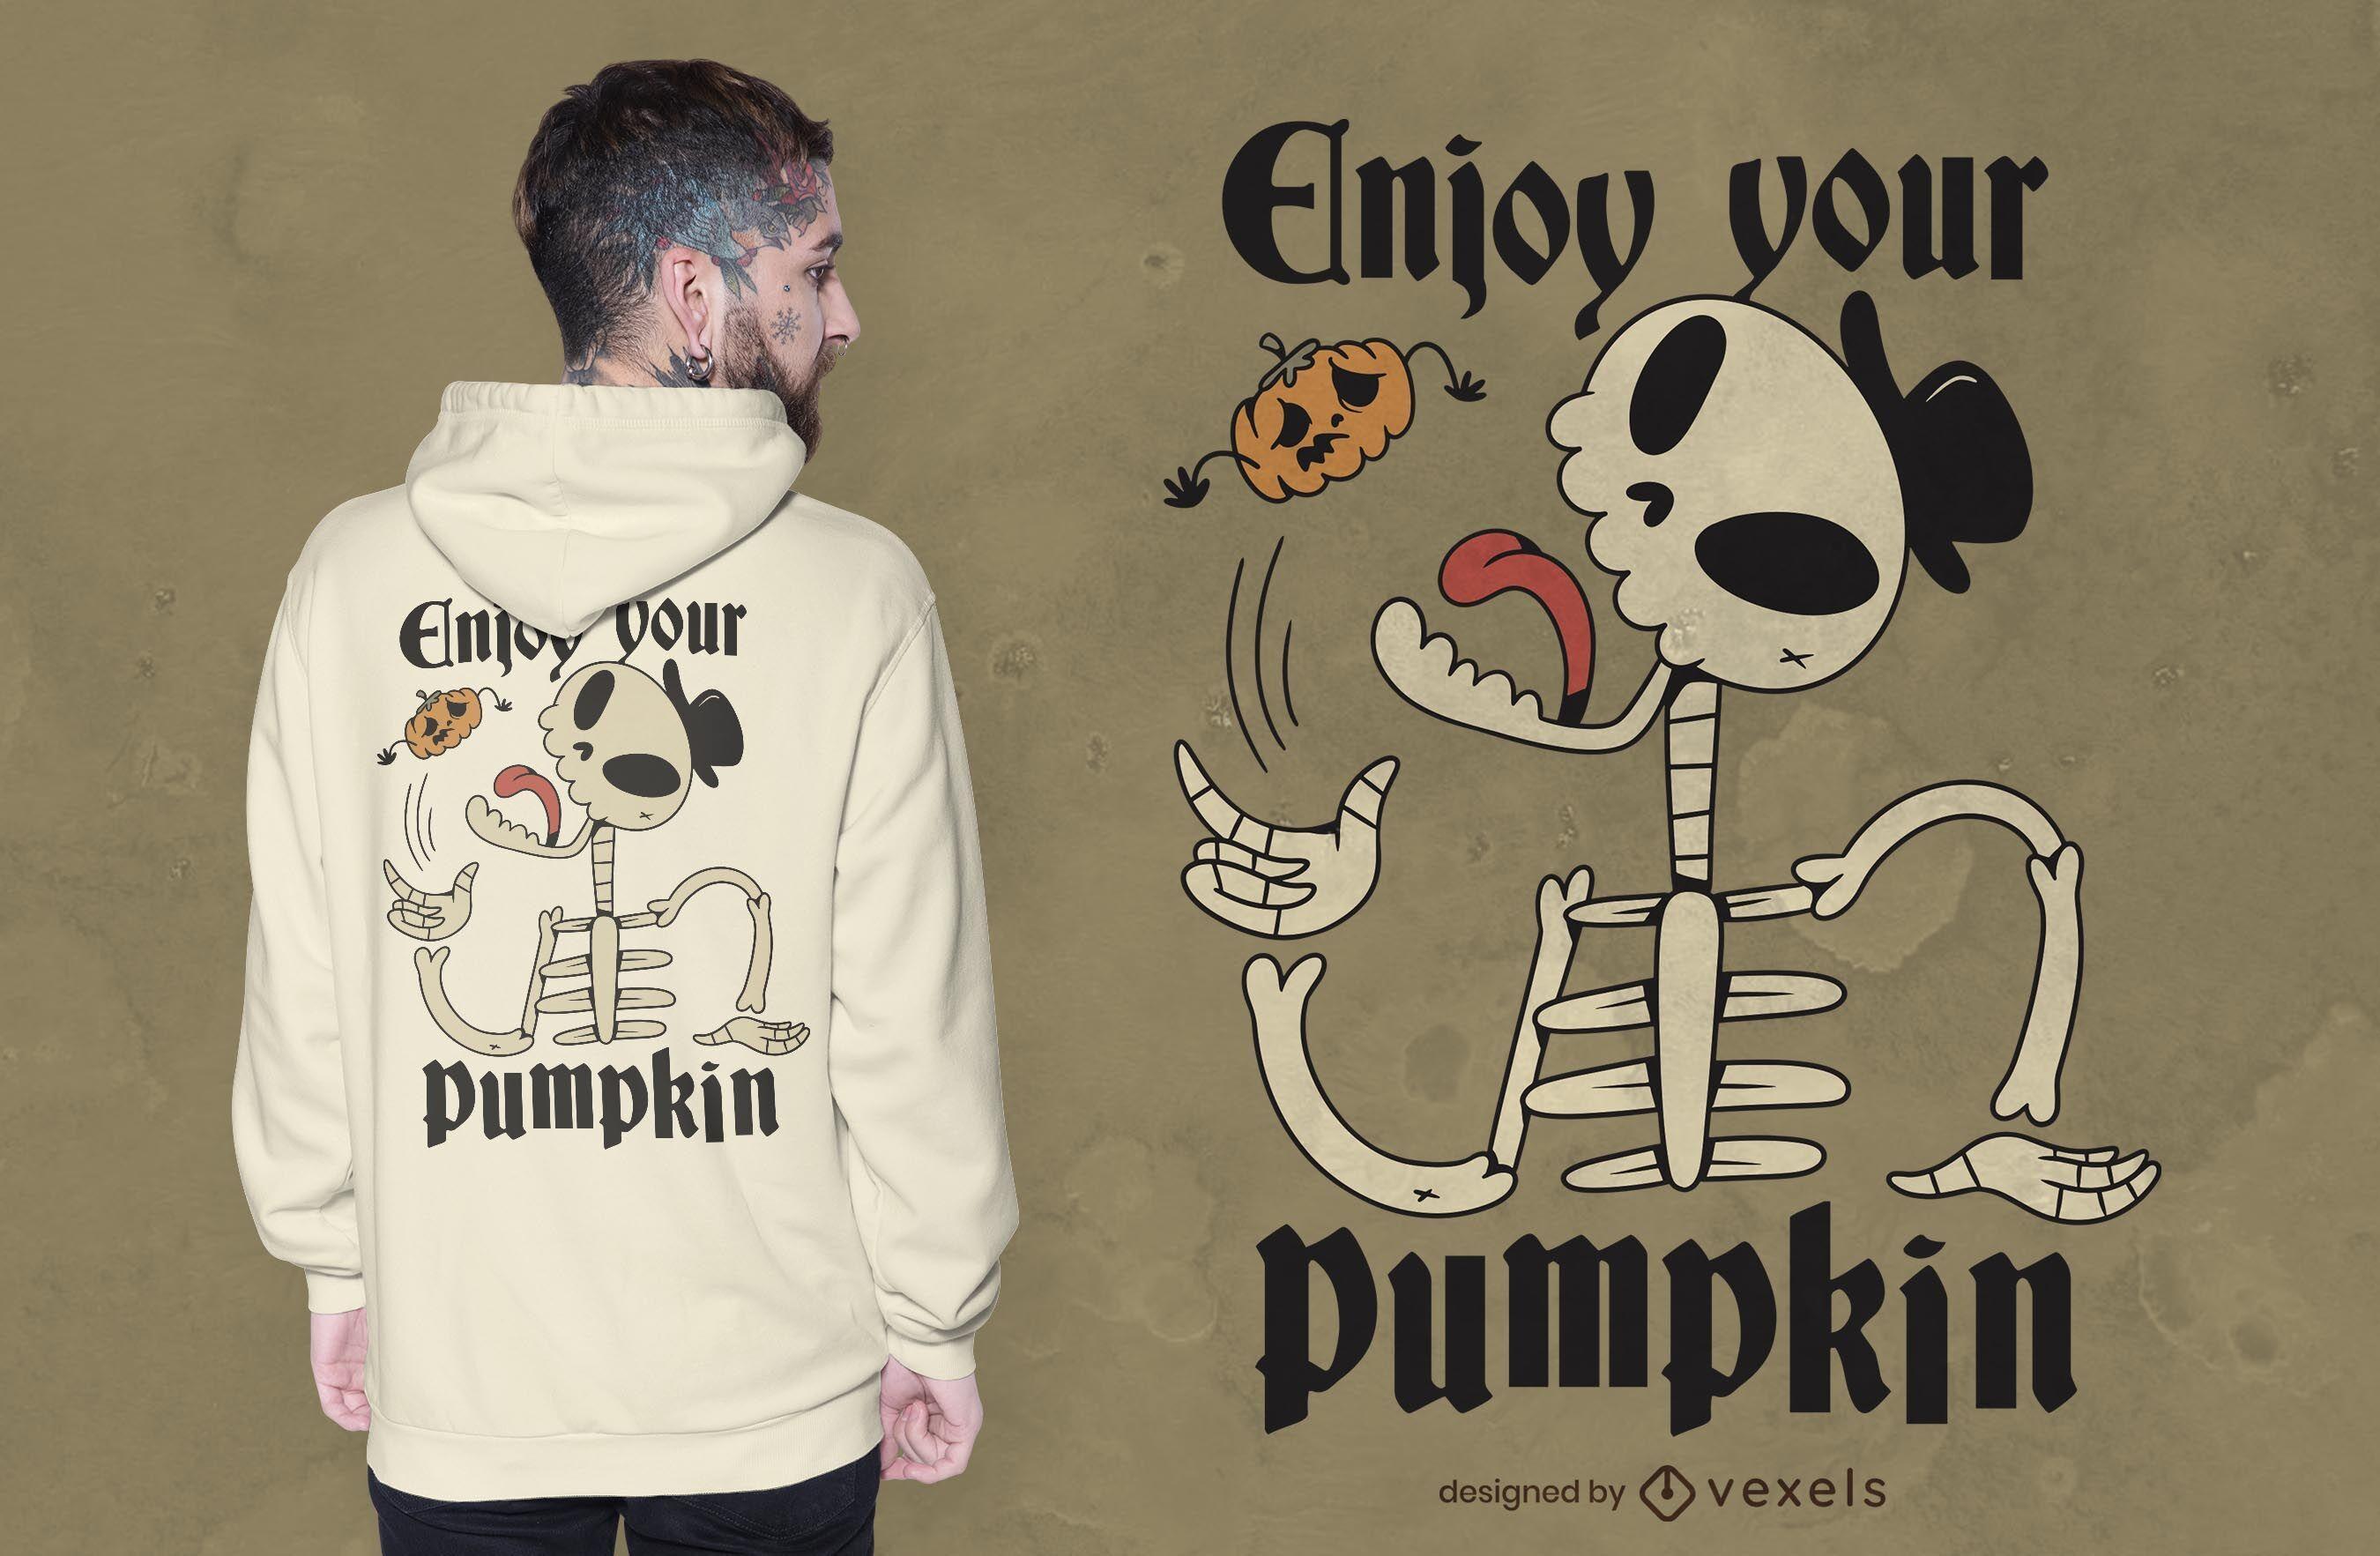 Enjoy your pumpkin t-shirt design